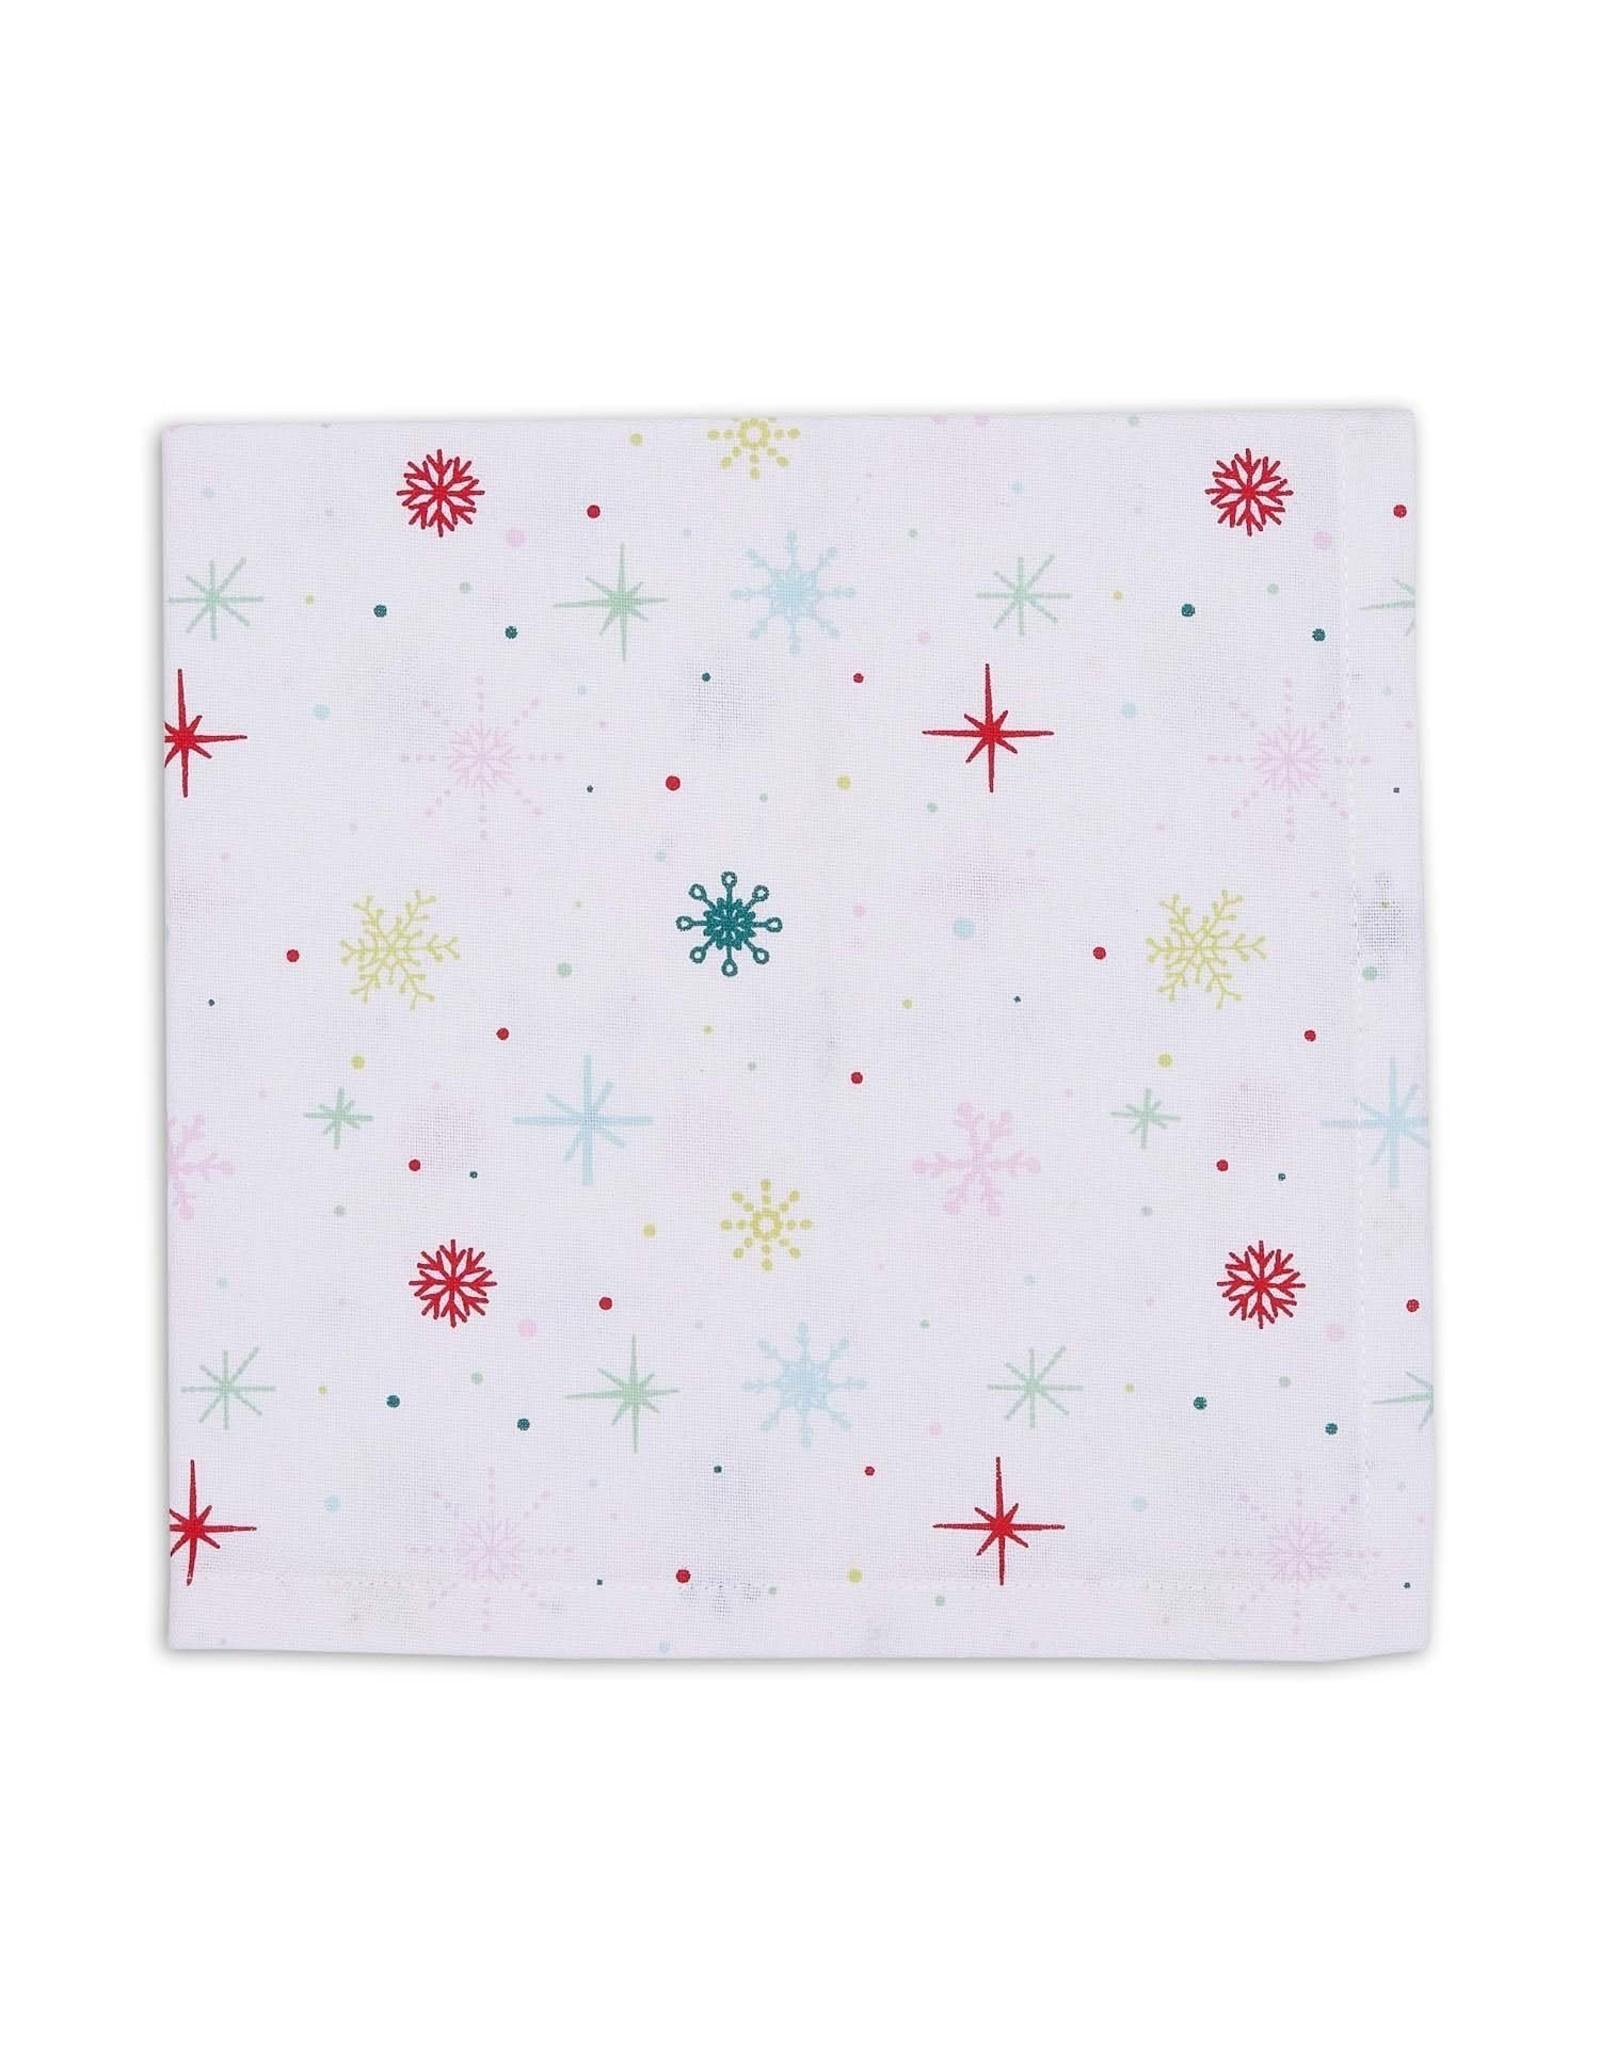 Design Imports DI Snowflake Party Napkin